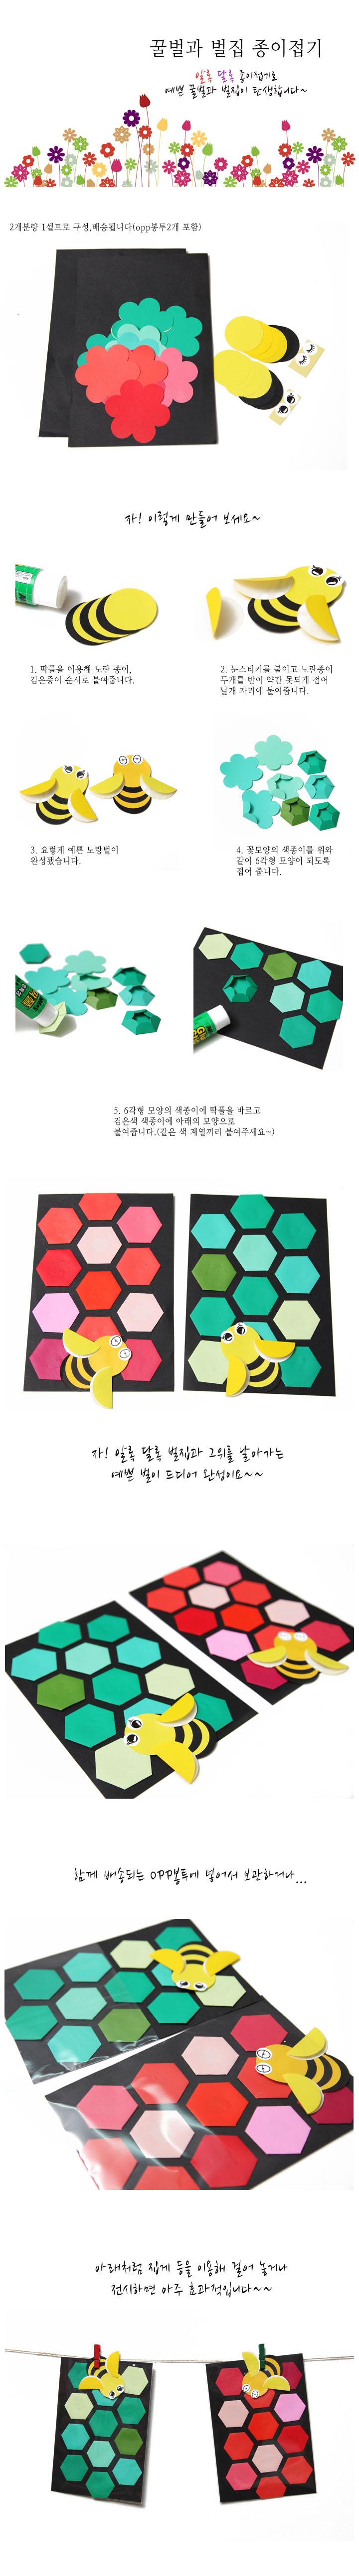 꿀벌과 벌집 종이접기